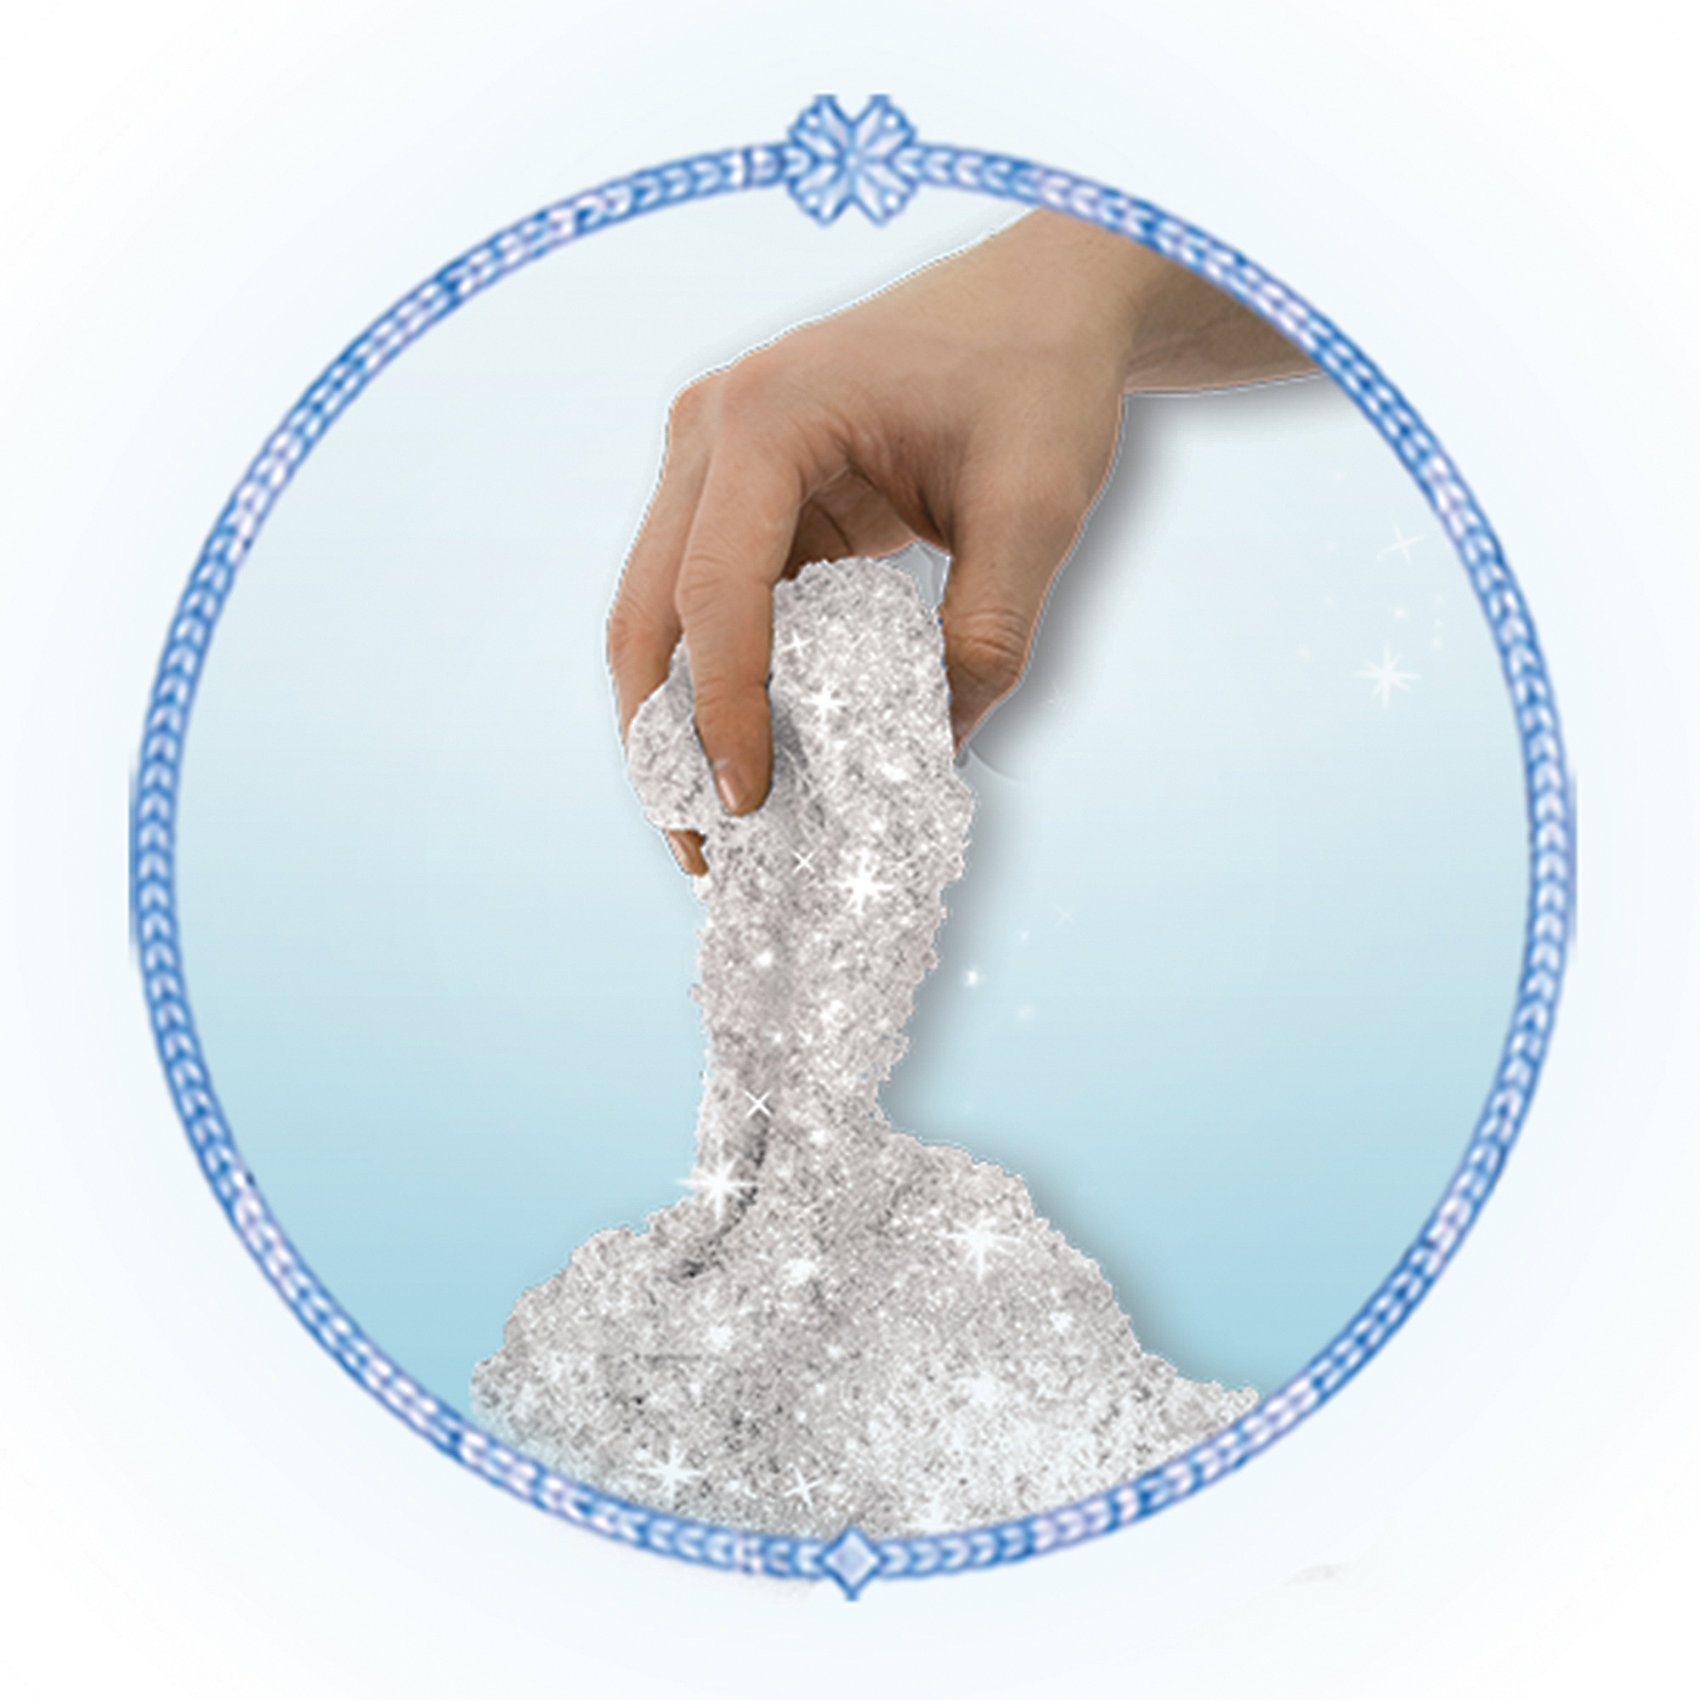 Песок для лепки Холодное Сердце,  454 гр., с 2 формочками, Kinetic SandКинетический песок<br>Кинетический песок - это уникальный материал, специально созданный для детского творчества. Теперь не нужно выходить из дома, чтобы построить замки и куличики! В составе Kinetic Sand - чистейший кварцевый песок (98%) и связующий элемент, нетоксичный и совершенно безопасный для здоровья ребенка. Песок не пачкает руки, не высыхает, игра с ним очень увлекательна и способна развить творческие навыки малыша и мелкую моторику. В комплект включены кинетический песок (434 грамма) и 2 формочки, с помощью которых можно слепить одного из самых забавный персонажей анимационного фильма Холодное сердце (Frozen) - очаровательного Олафа, а также маленького улыбчивого снеговичка. Песок предназначен для детей от 3 лет.<br><br>Ширина мм: 180<br>Глубина мм: 215<br>Высота мм: 45<br>Вес г: 580<br>Возраст от месяцев: 36<br>Возраст до месяцев: 120<br>Пол: Женский<br>Возраст: Детский<br>SKU: 5001041